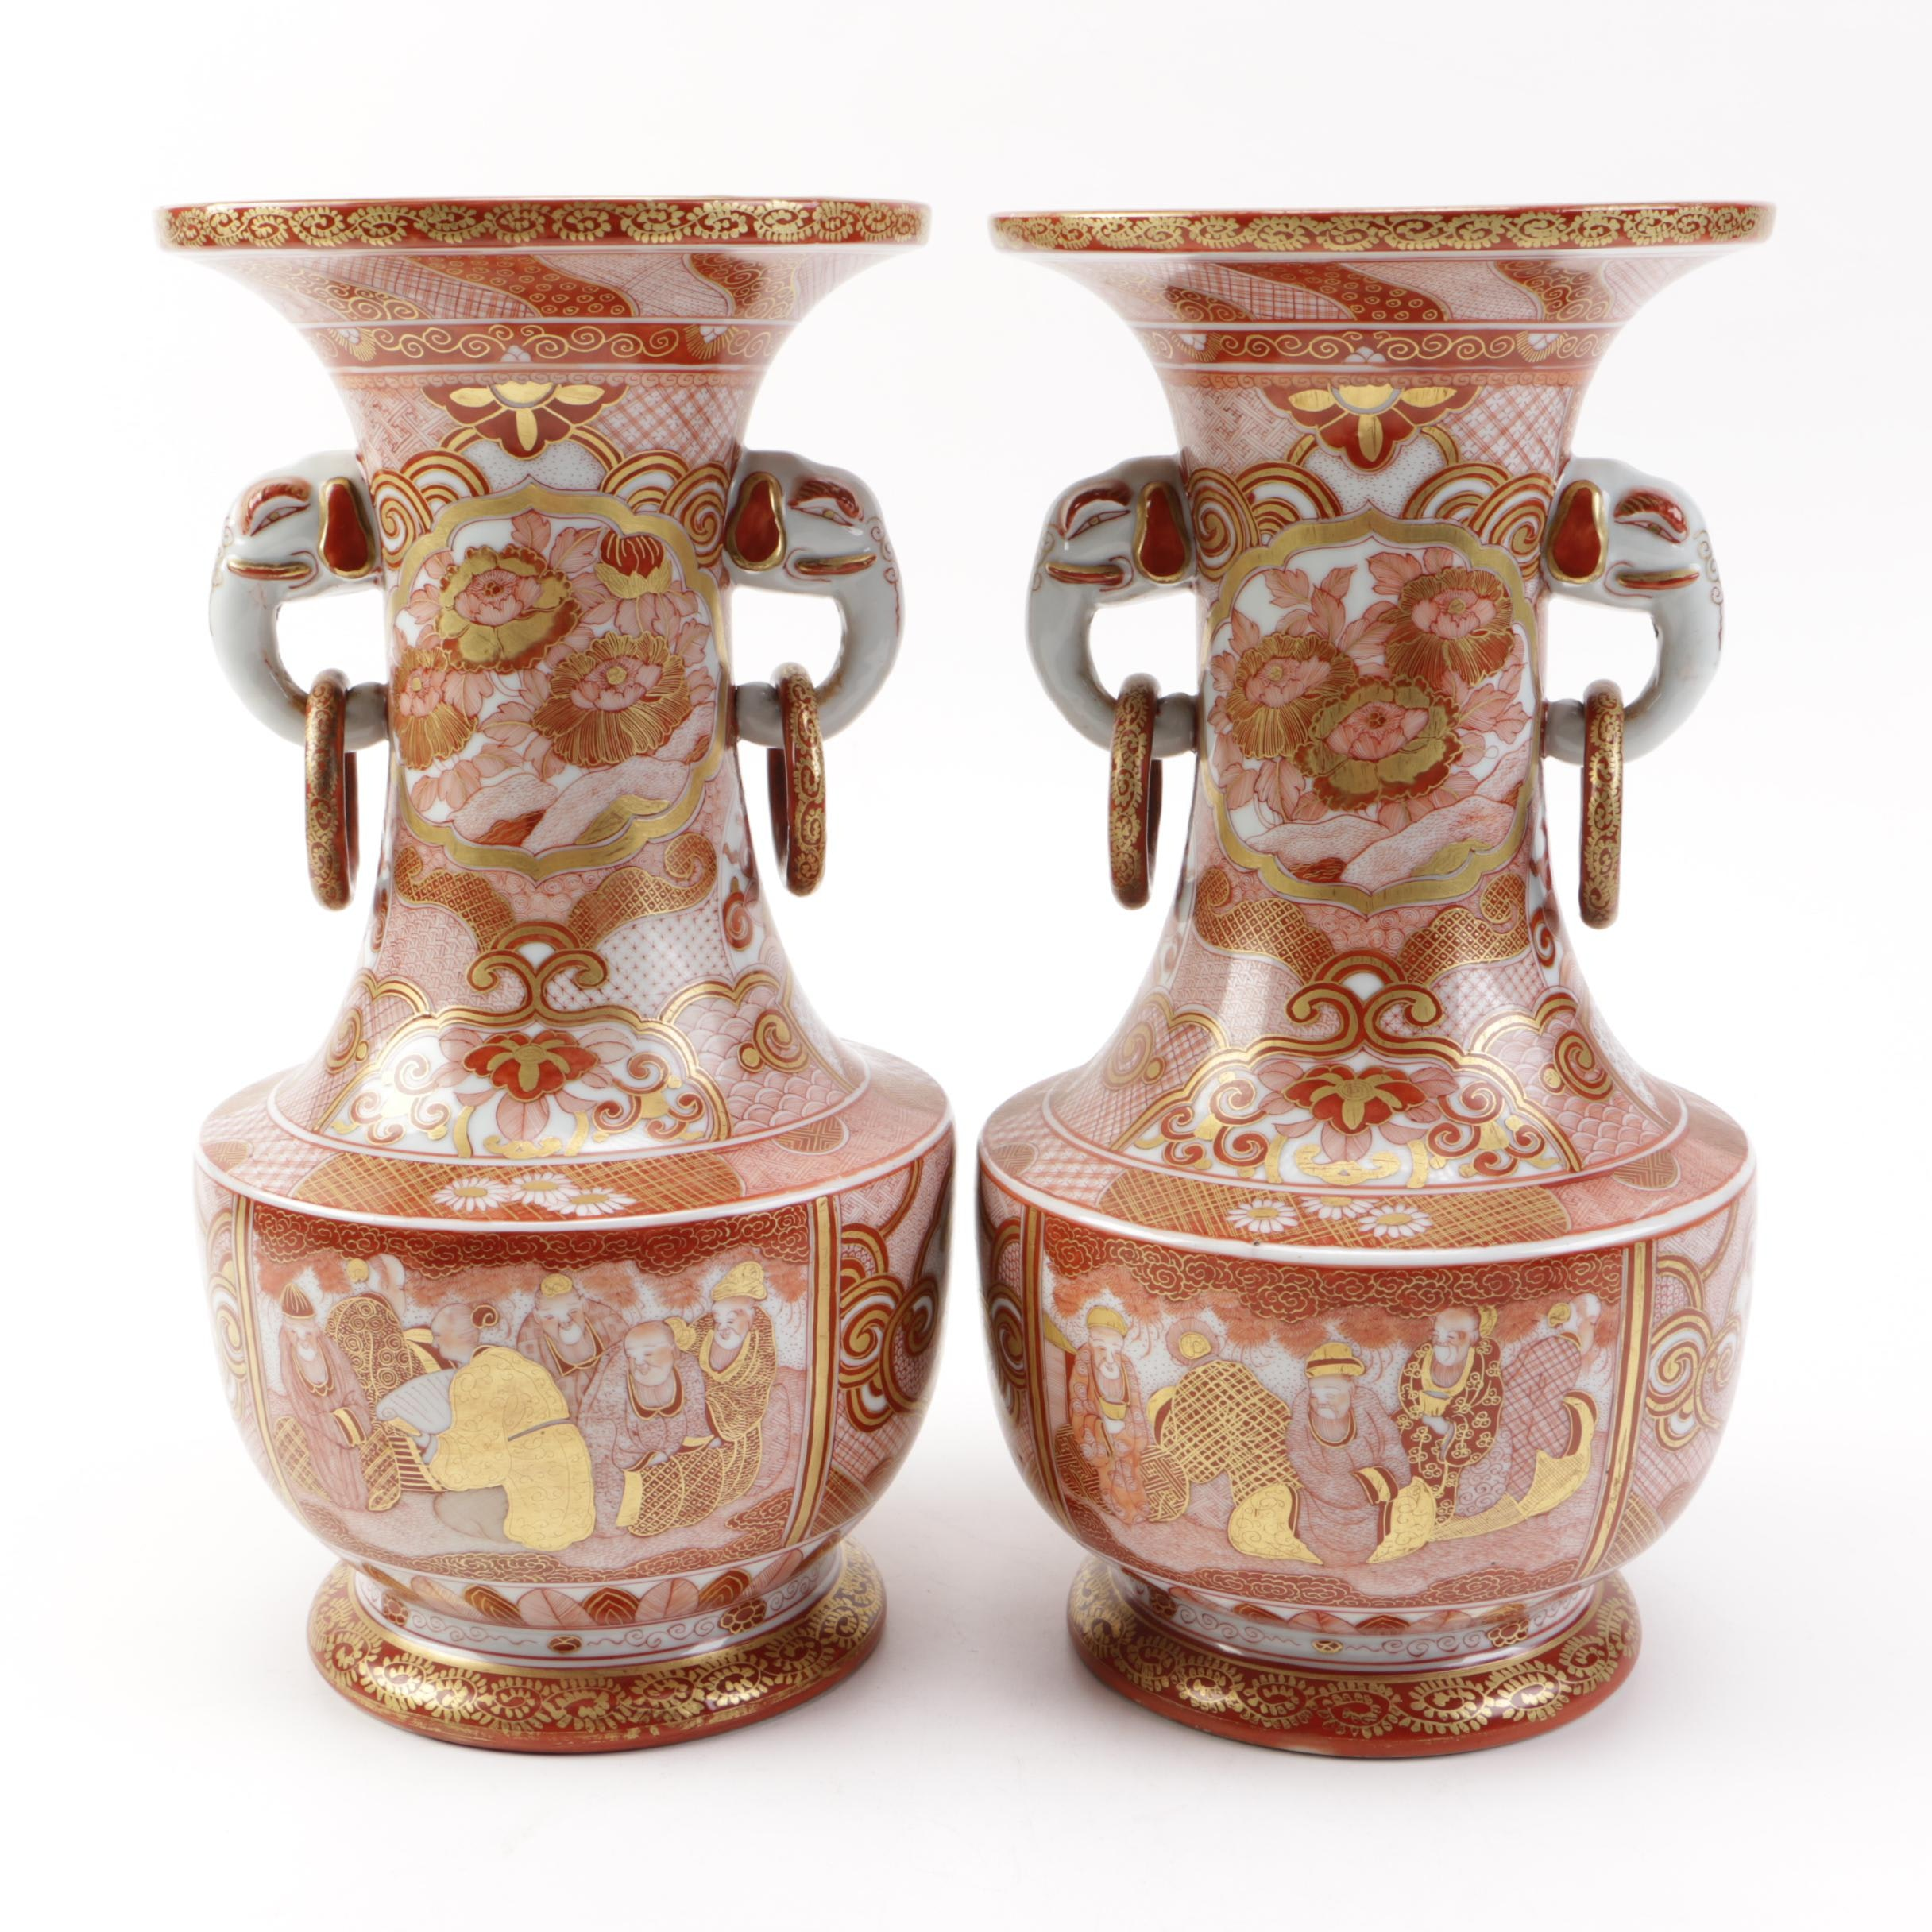 Pair of East Asian Porcelain Vases